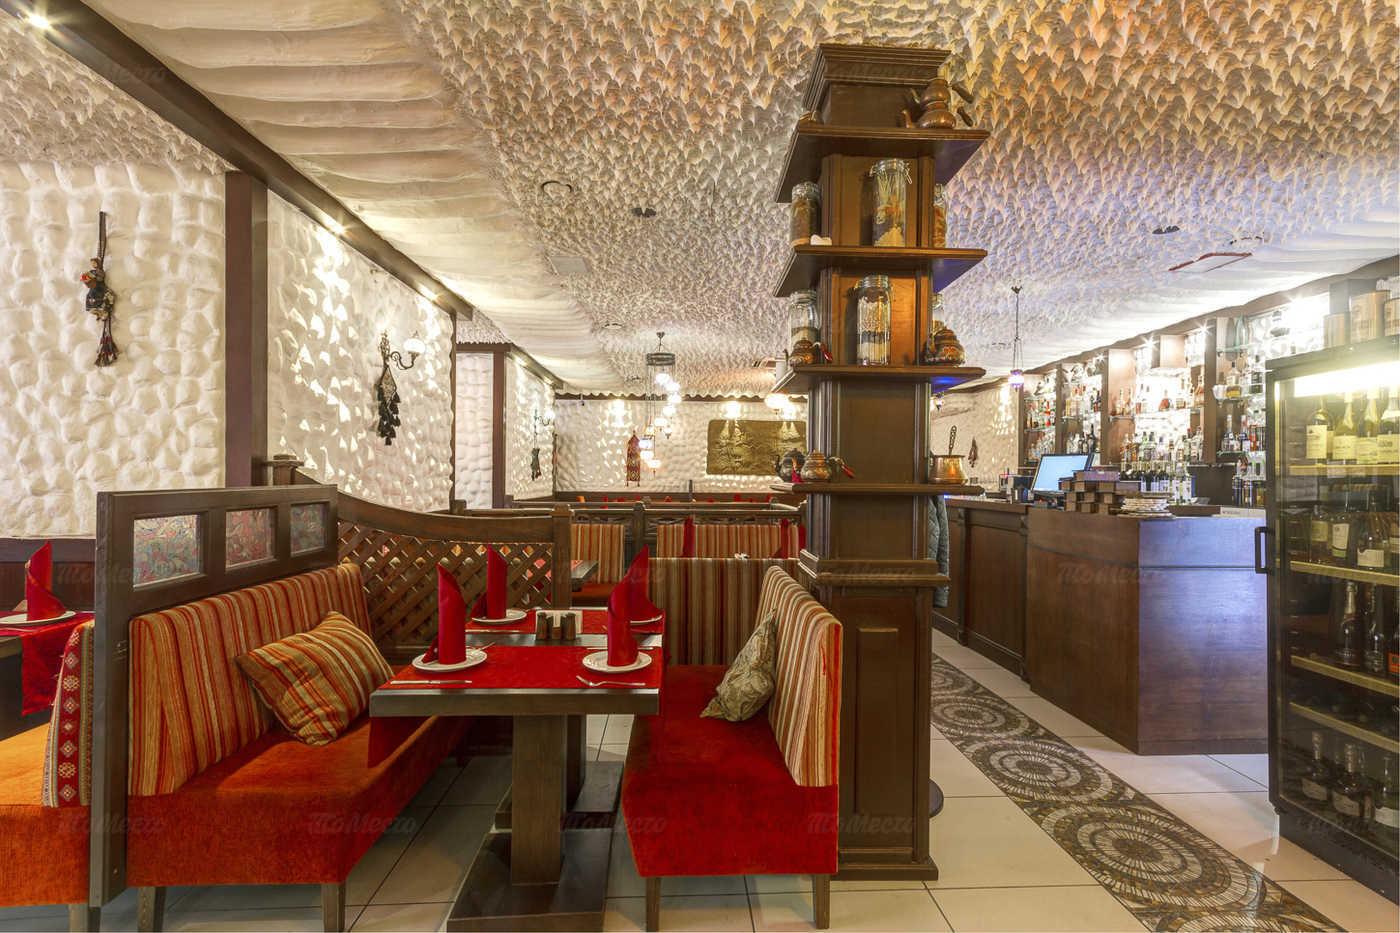 Ресторан Месопотамия на Арбате фото 6